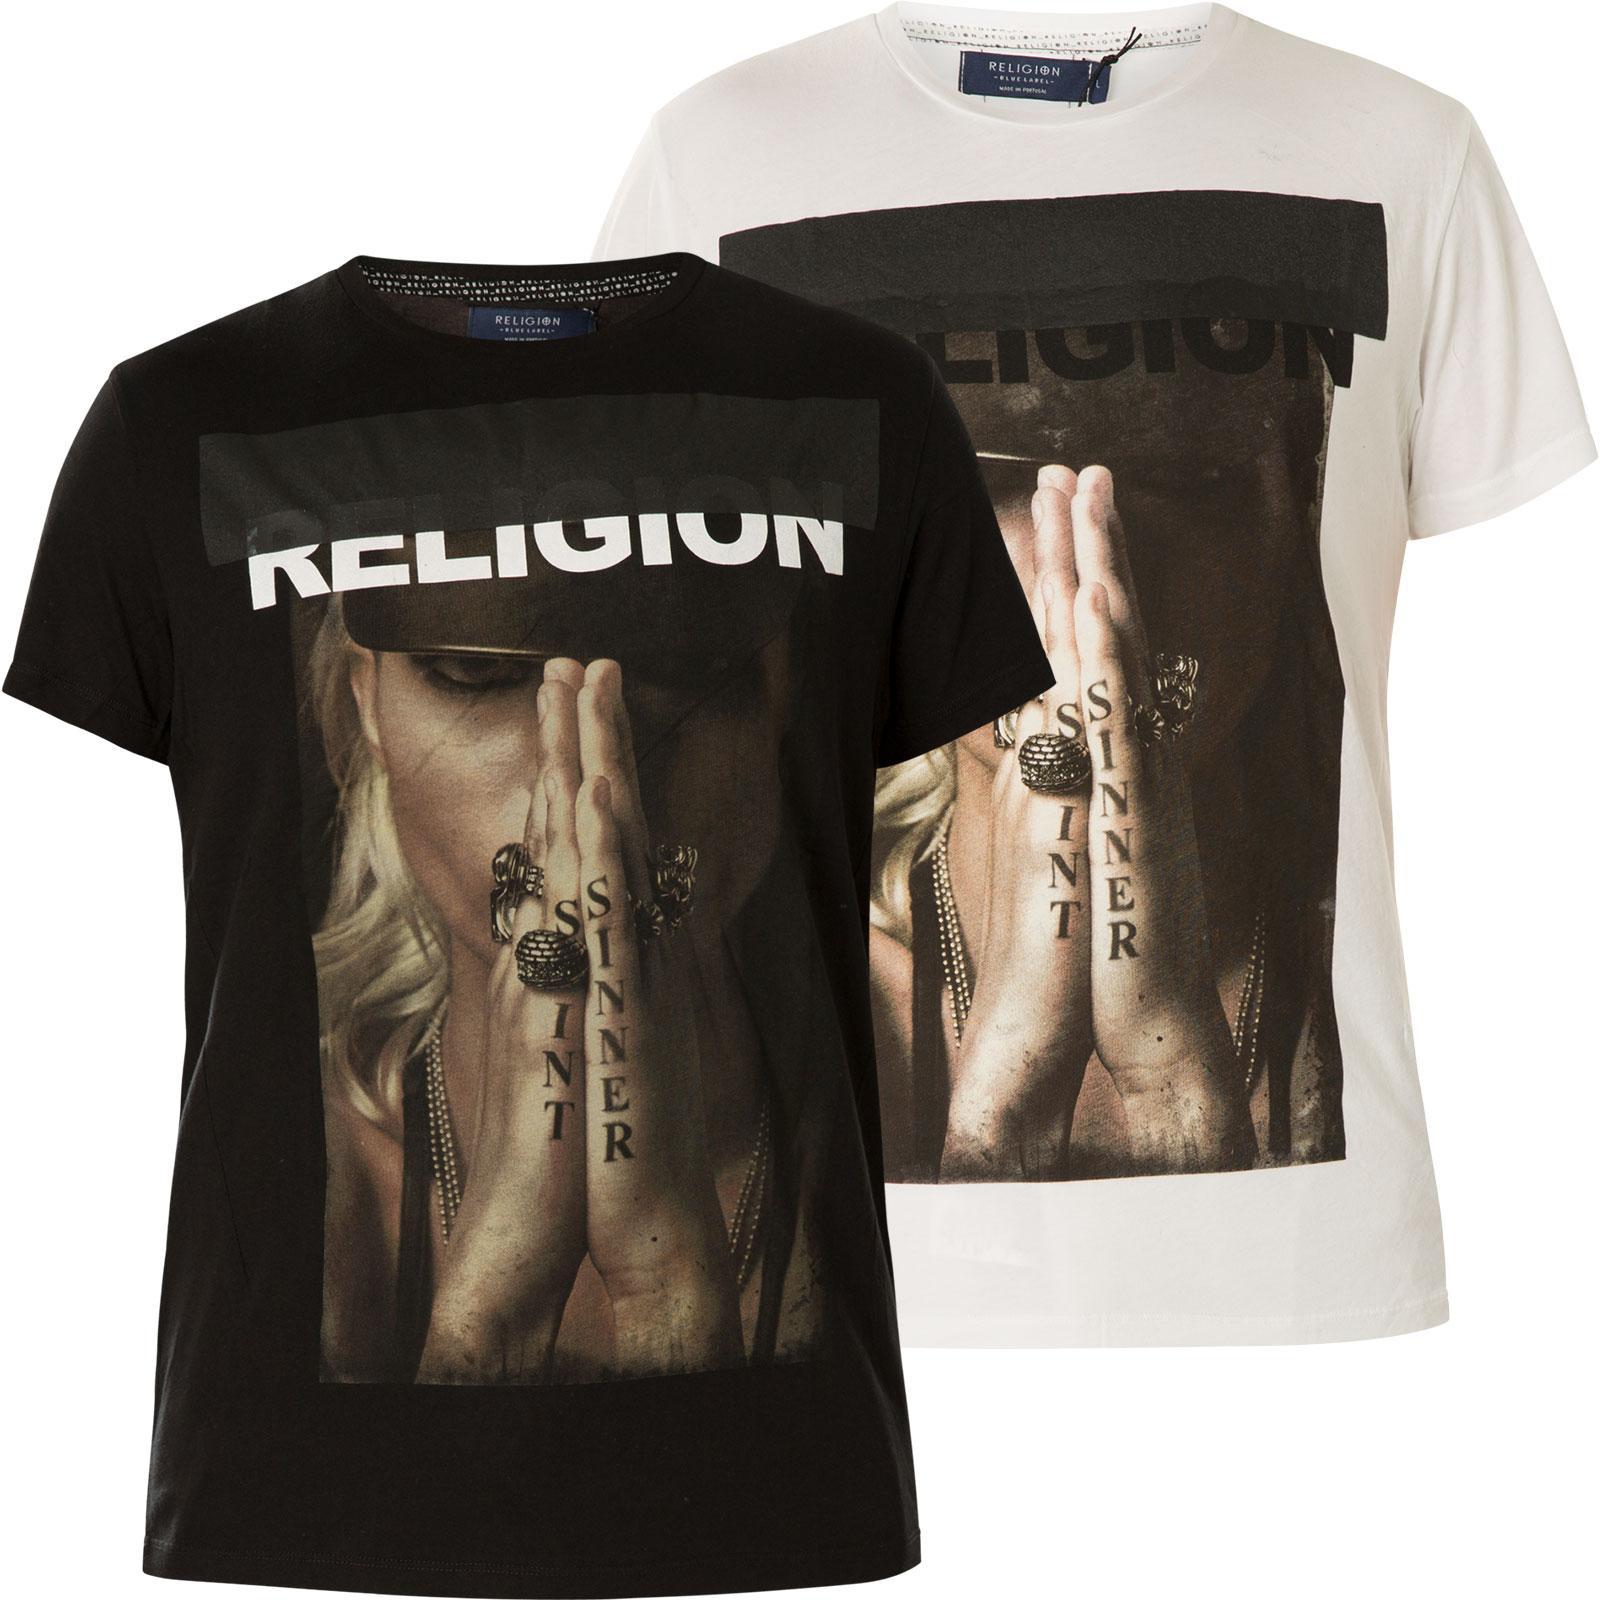 Religion T Shirt Saint Sinner 49BSAF02 Print mit einer Frau